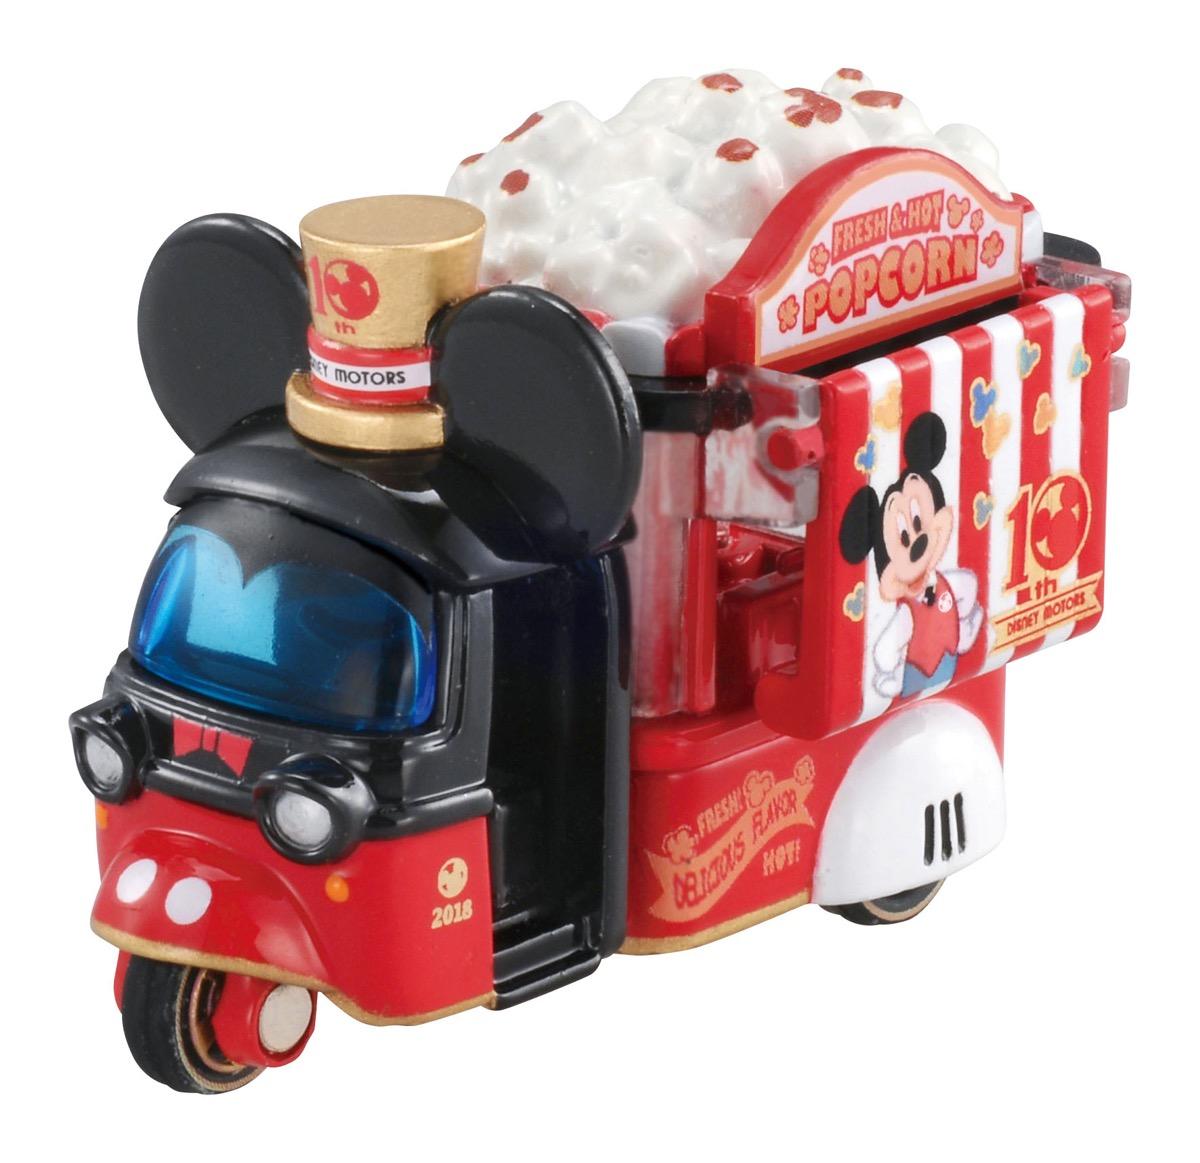 ドゥービー ミッキーマウス 10thアニバーサリーエディション